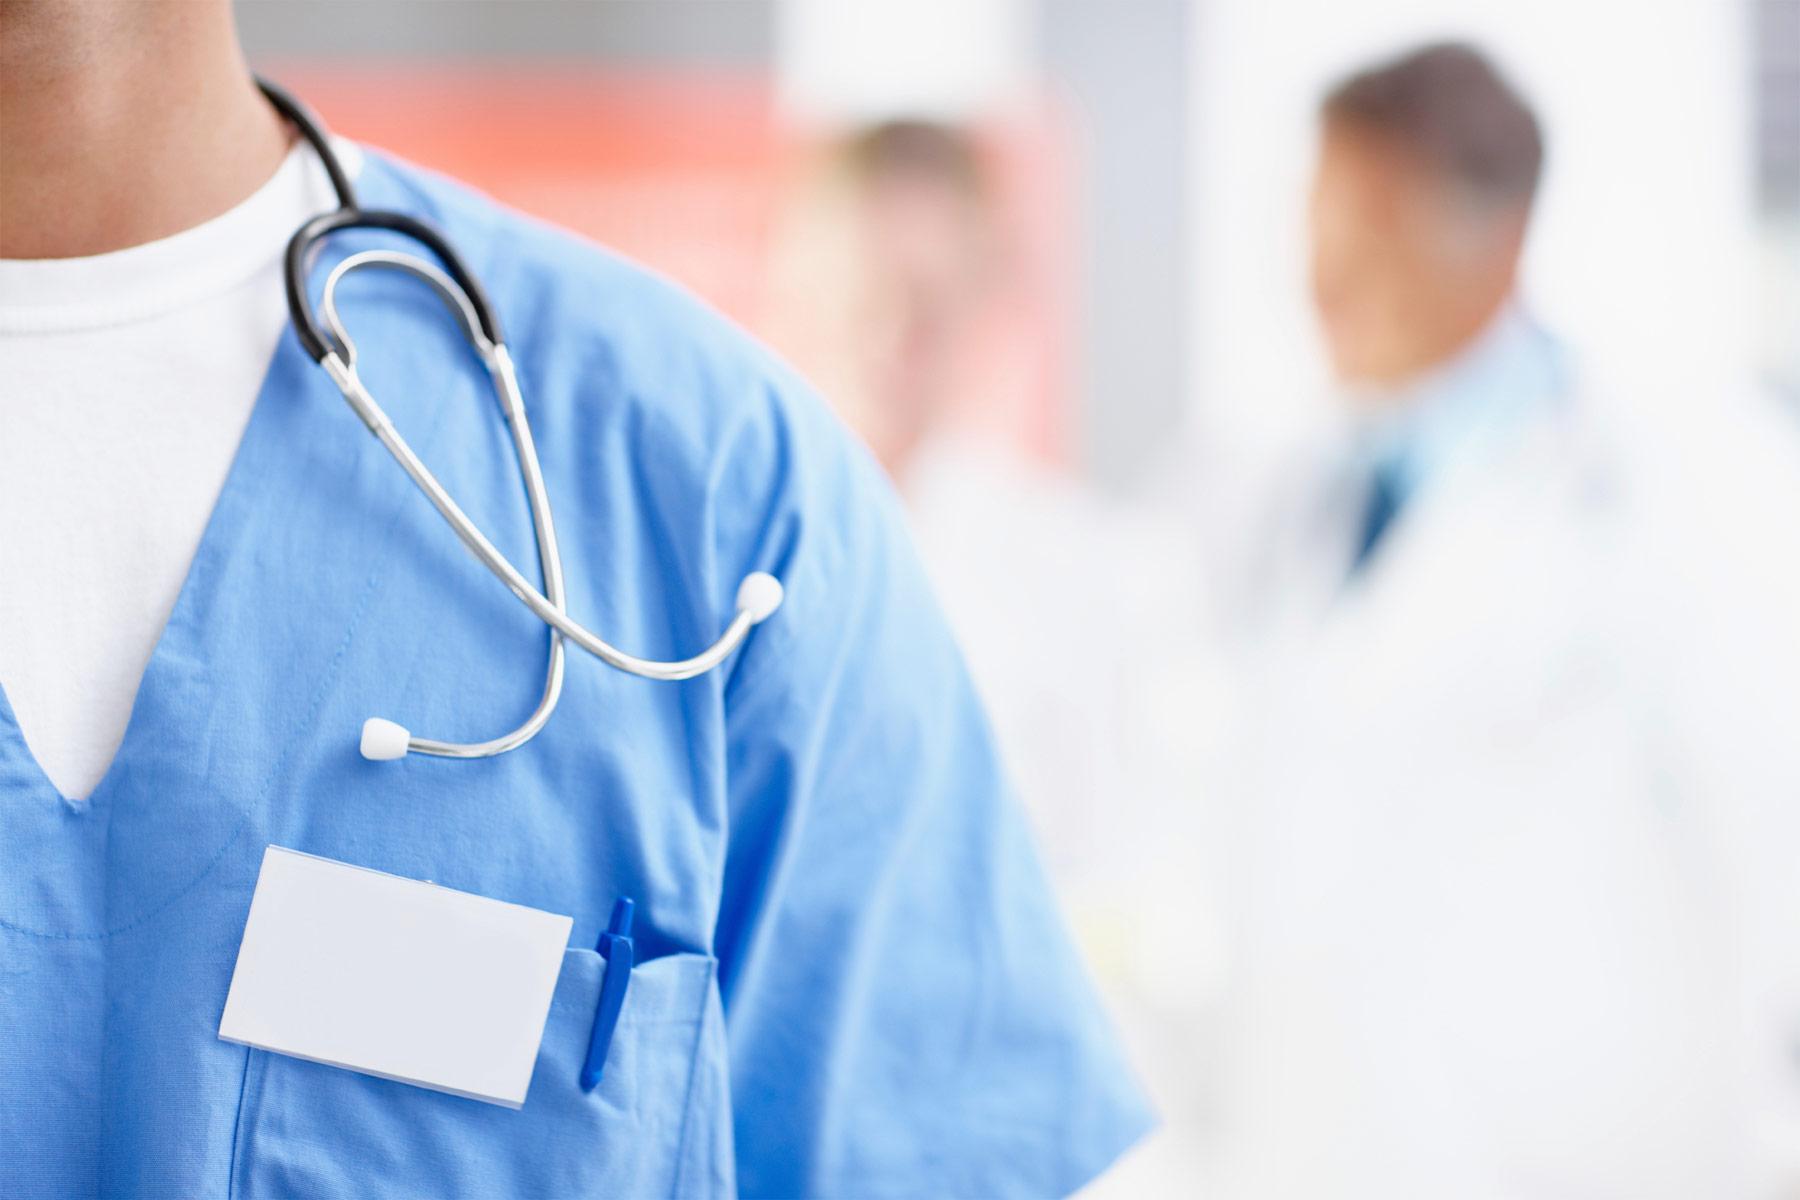 """""""التعليم العالي"""" يقر نظام السنة التحضيرية لتخصصي الطب وطـب الأسـنـان"""